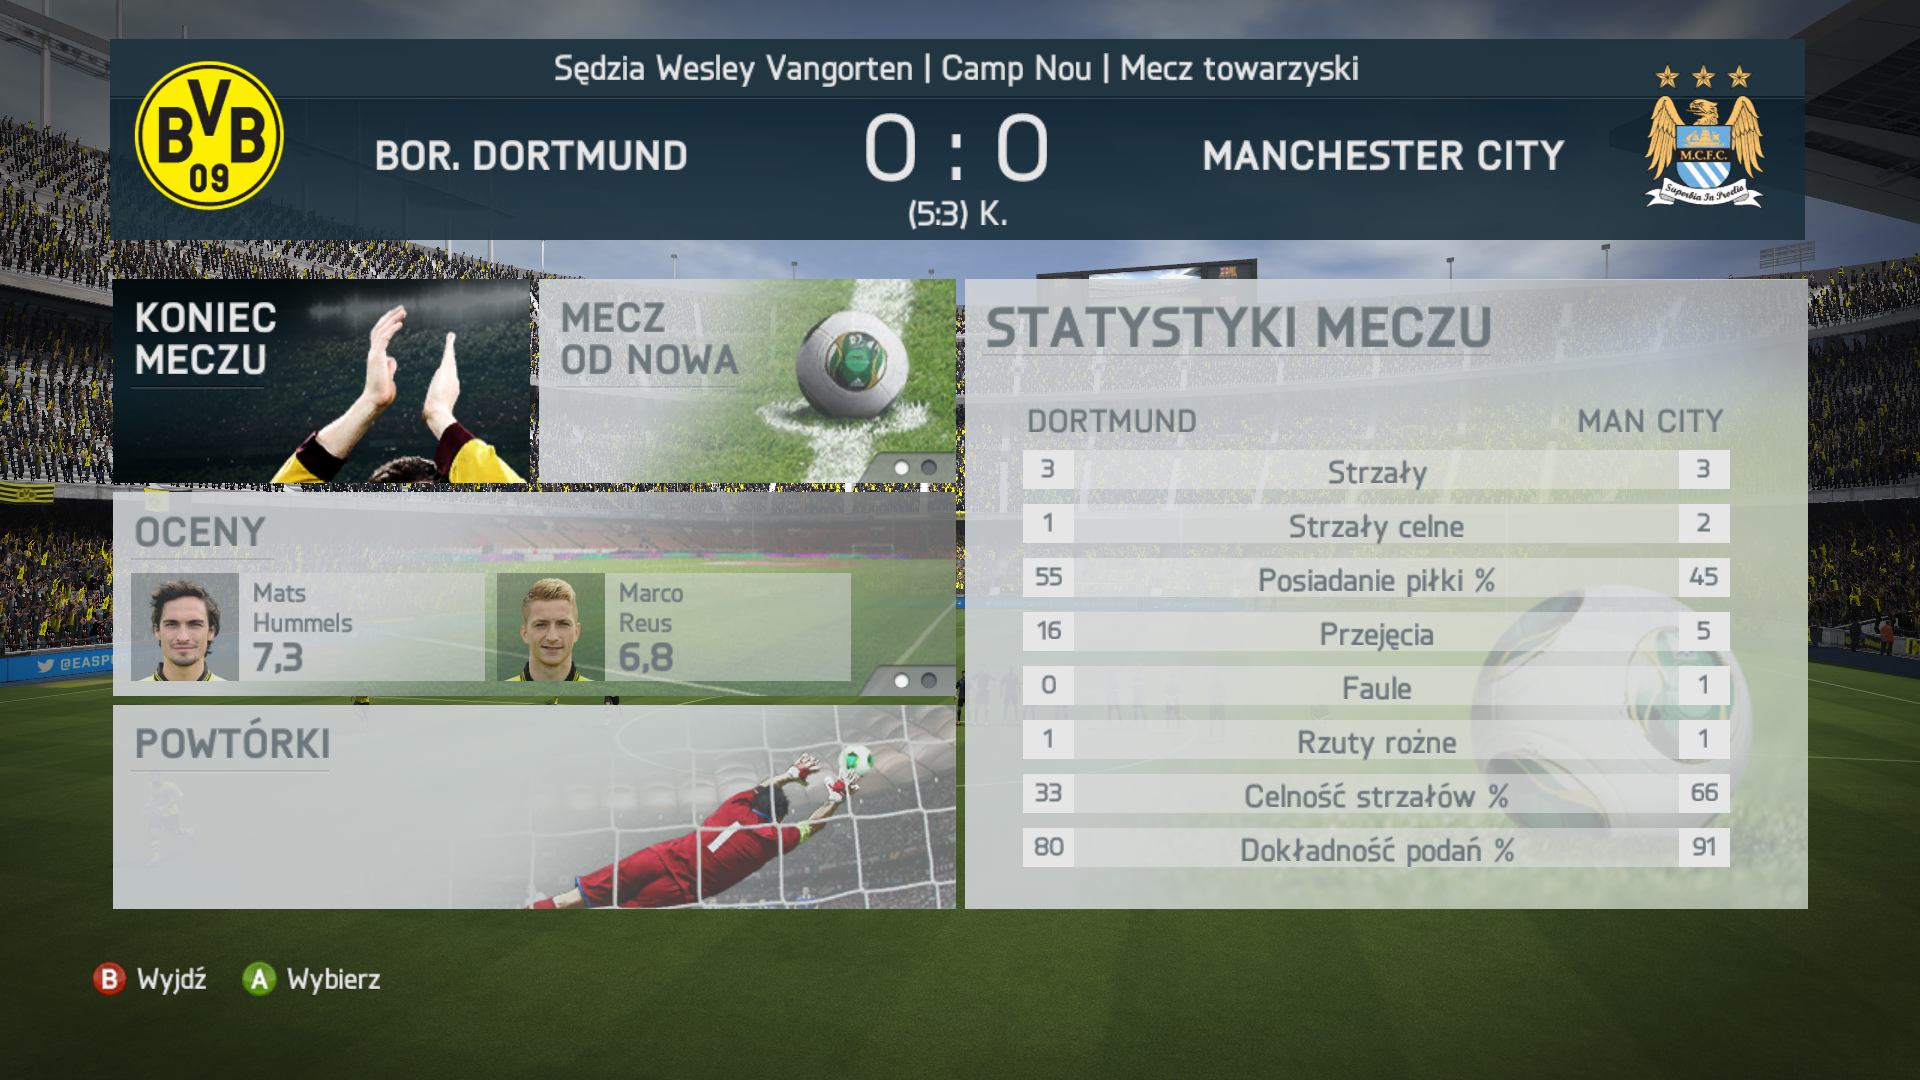 Podsumowanie meczu w FIFA 14 w nowej odsłonie graficznej